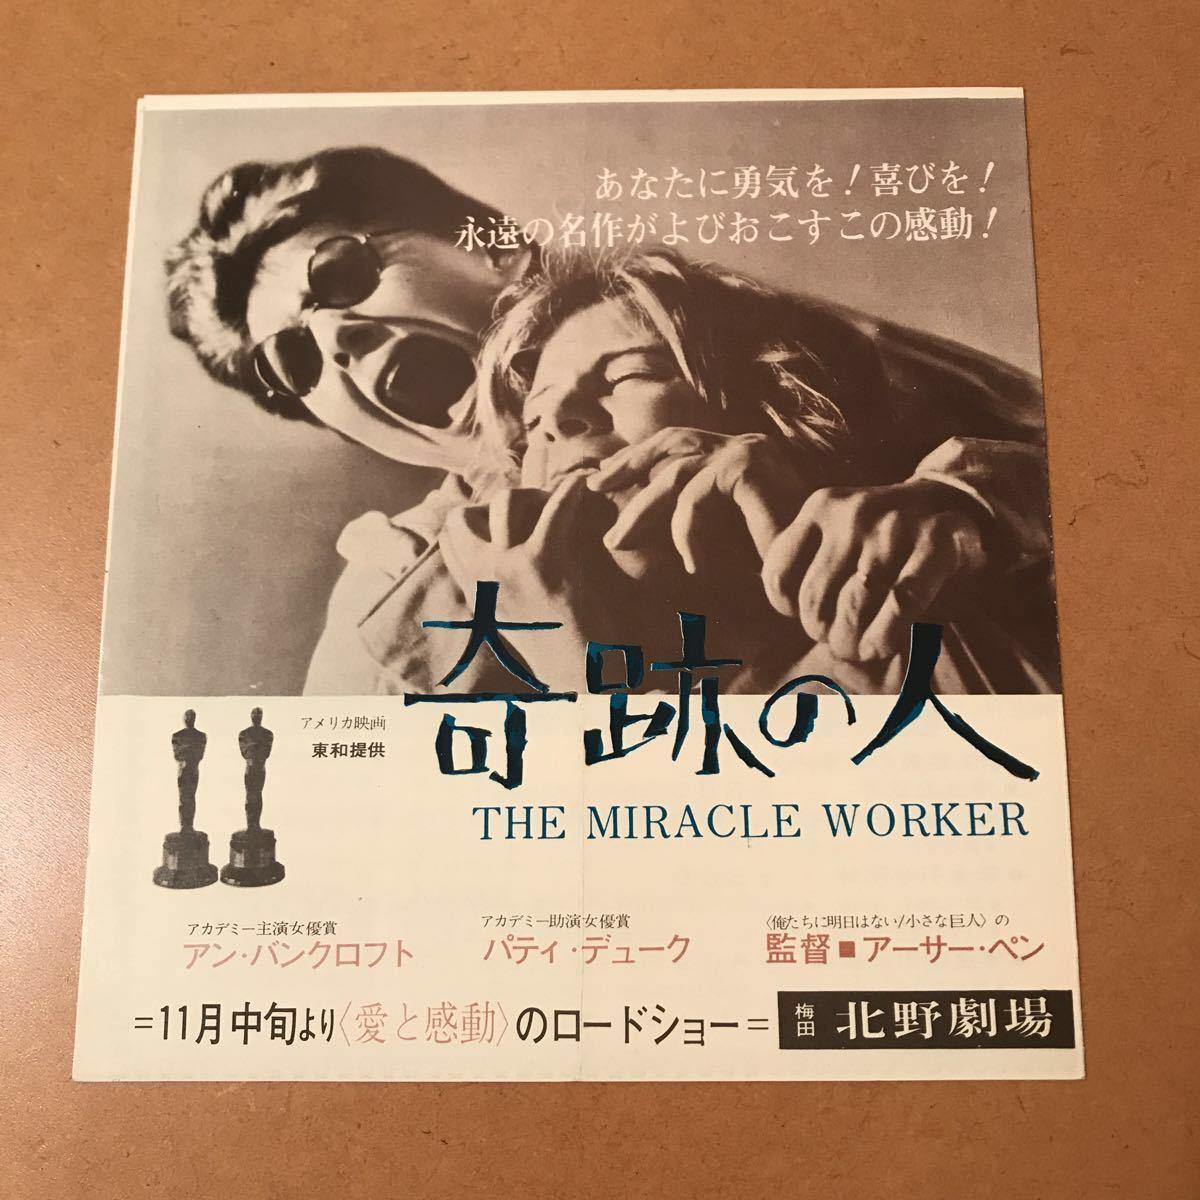 【希少/映画チラシ】『奇跡の人』1963年初公開作品 リバイバル上映時チラシ 通常カラーチラシ&2枚折り四角チラシ 2枚セット _画像2